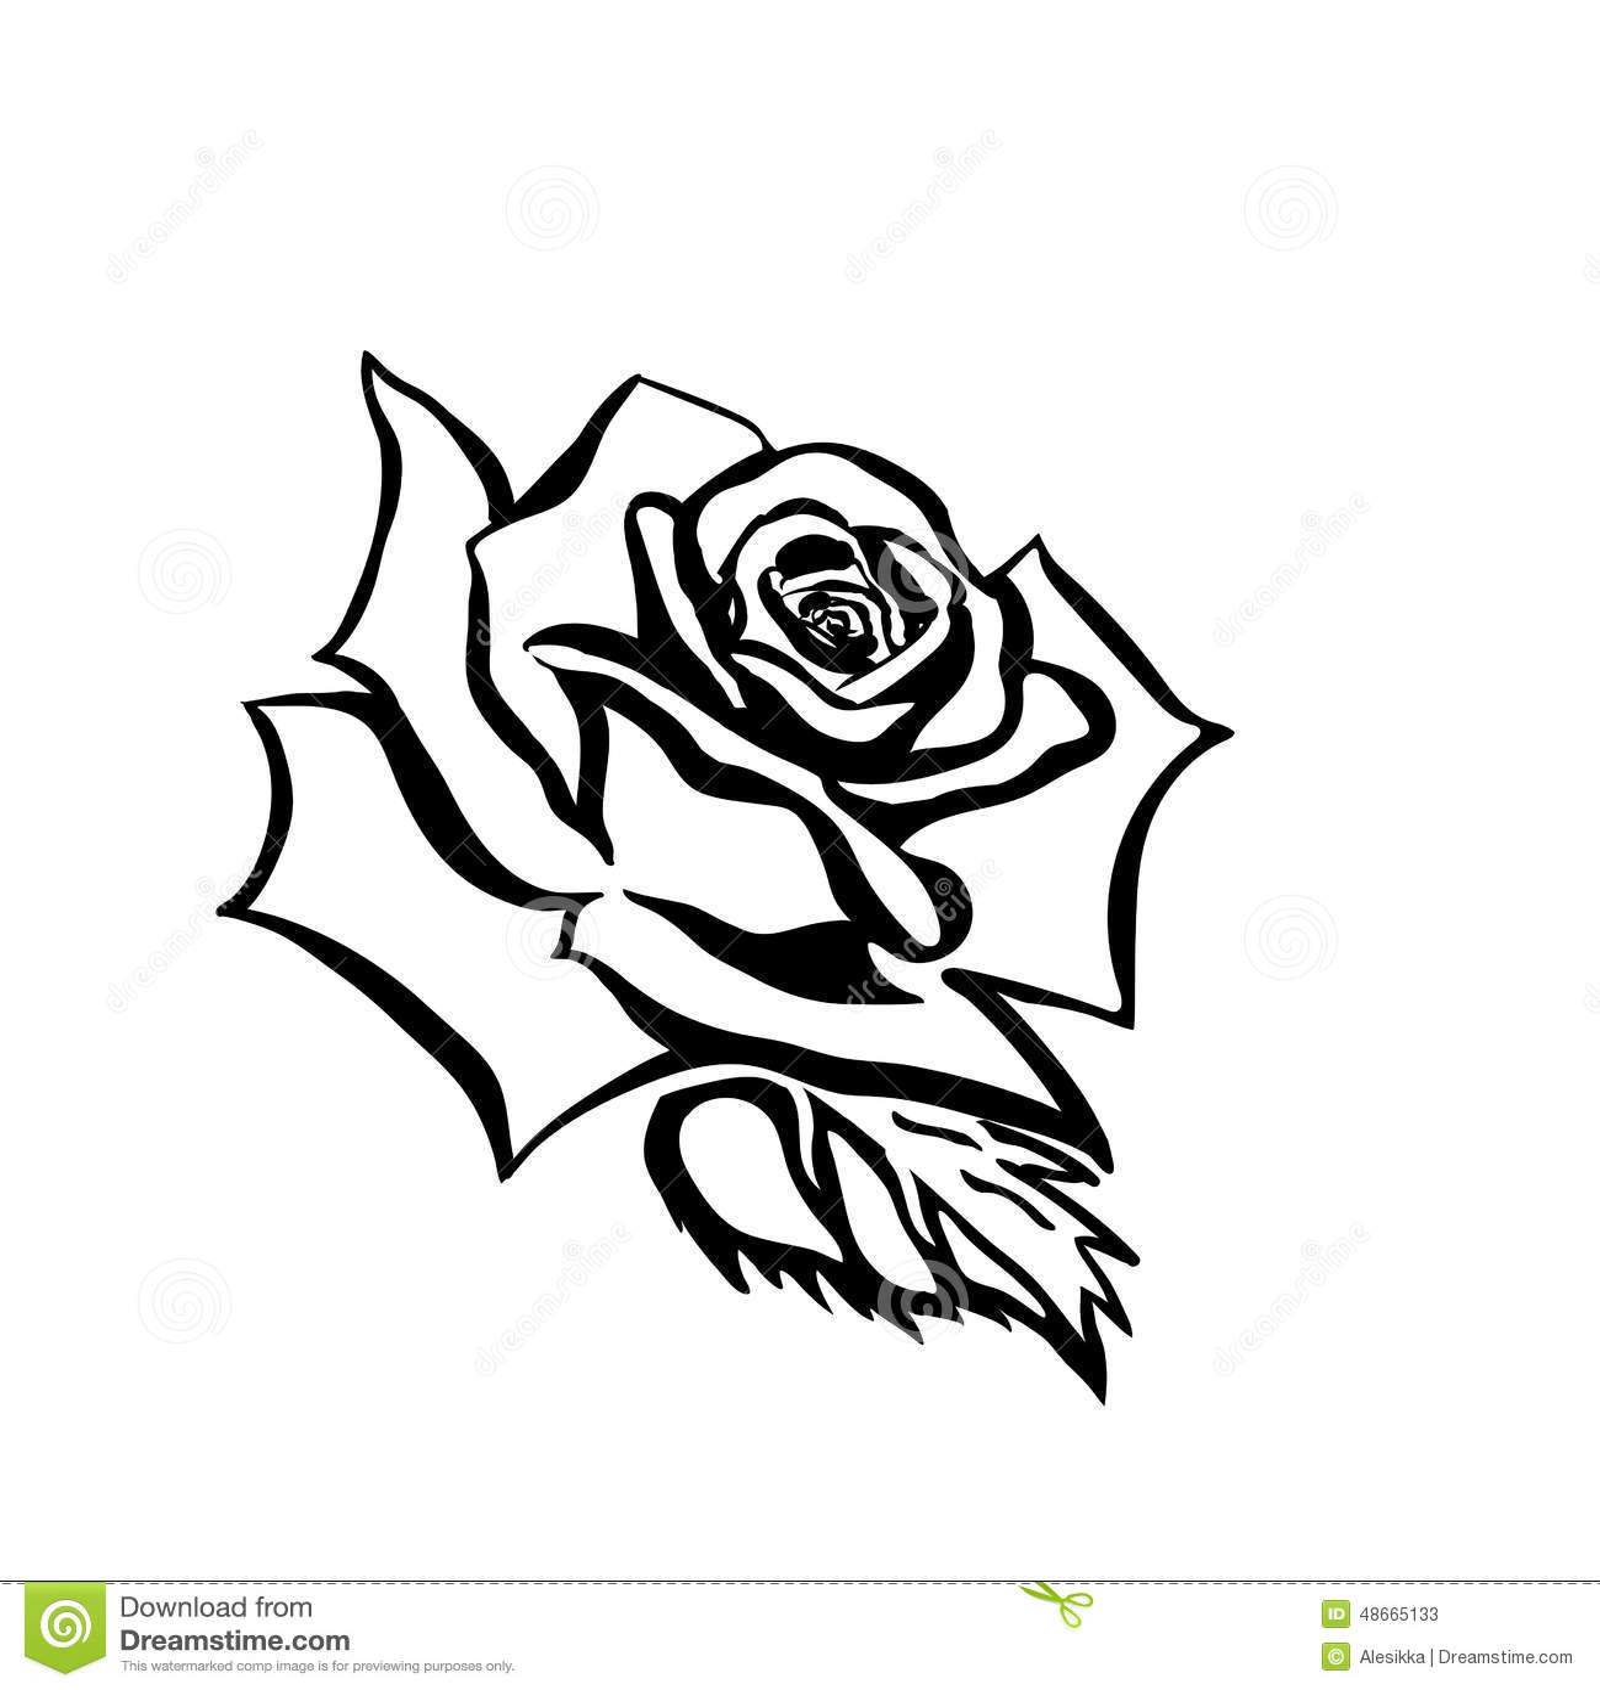 Rose Black And White Outline